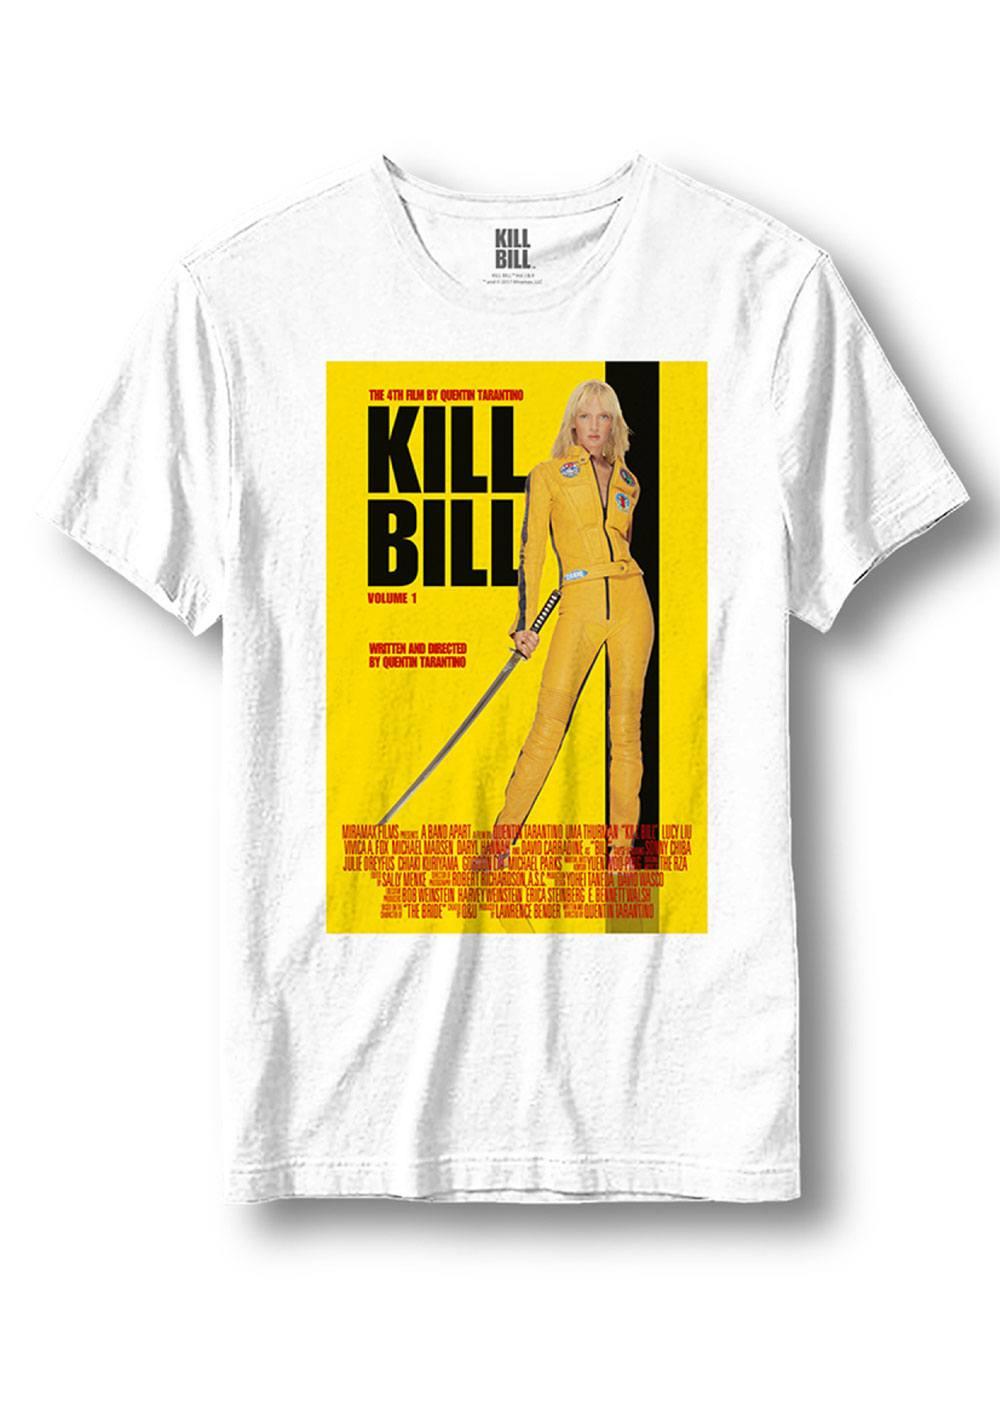 Kill Bill T-Shirt Poster Size M